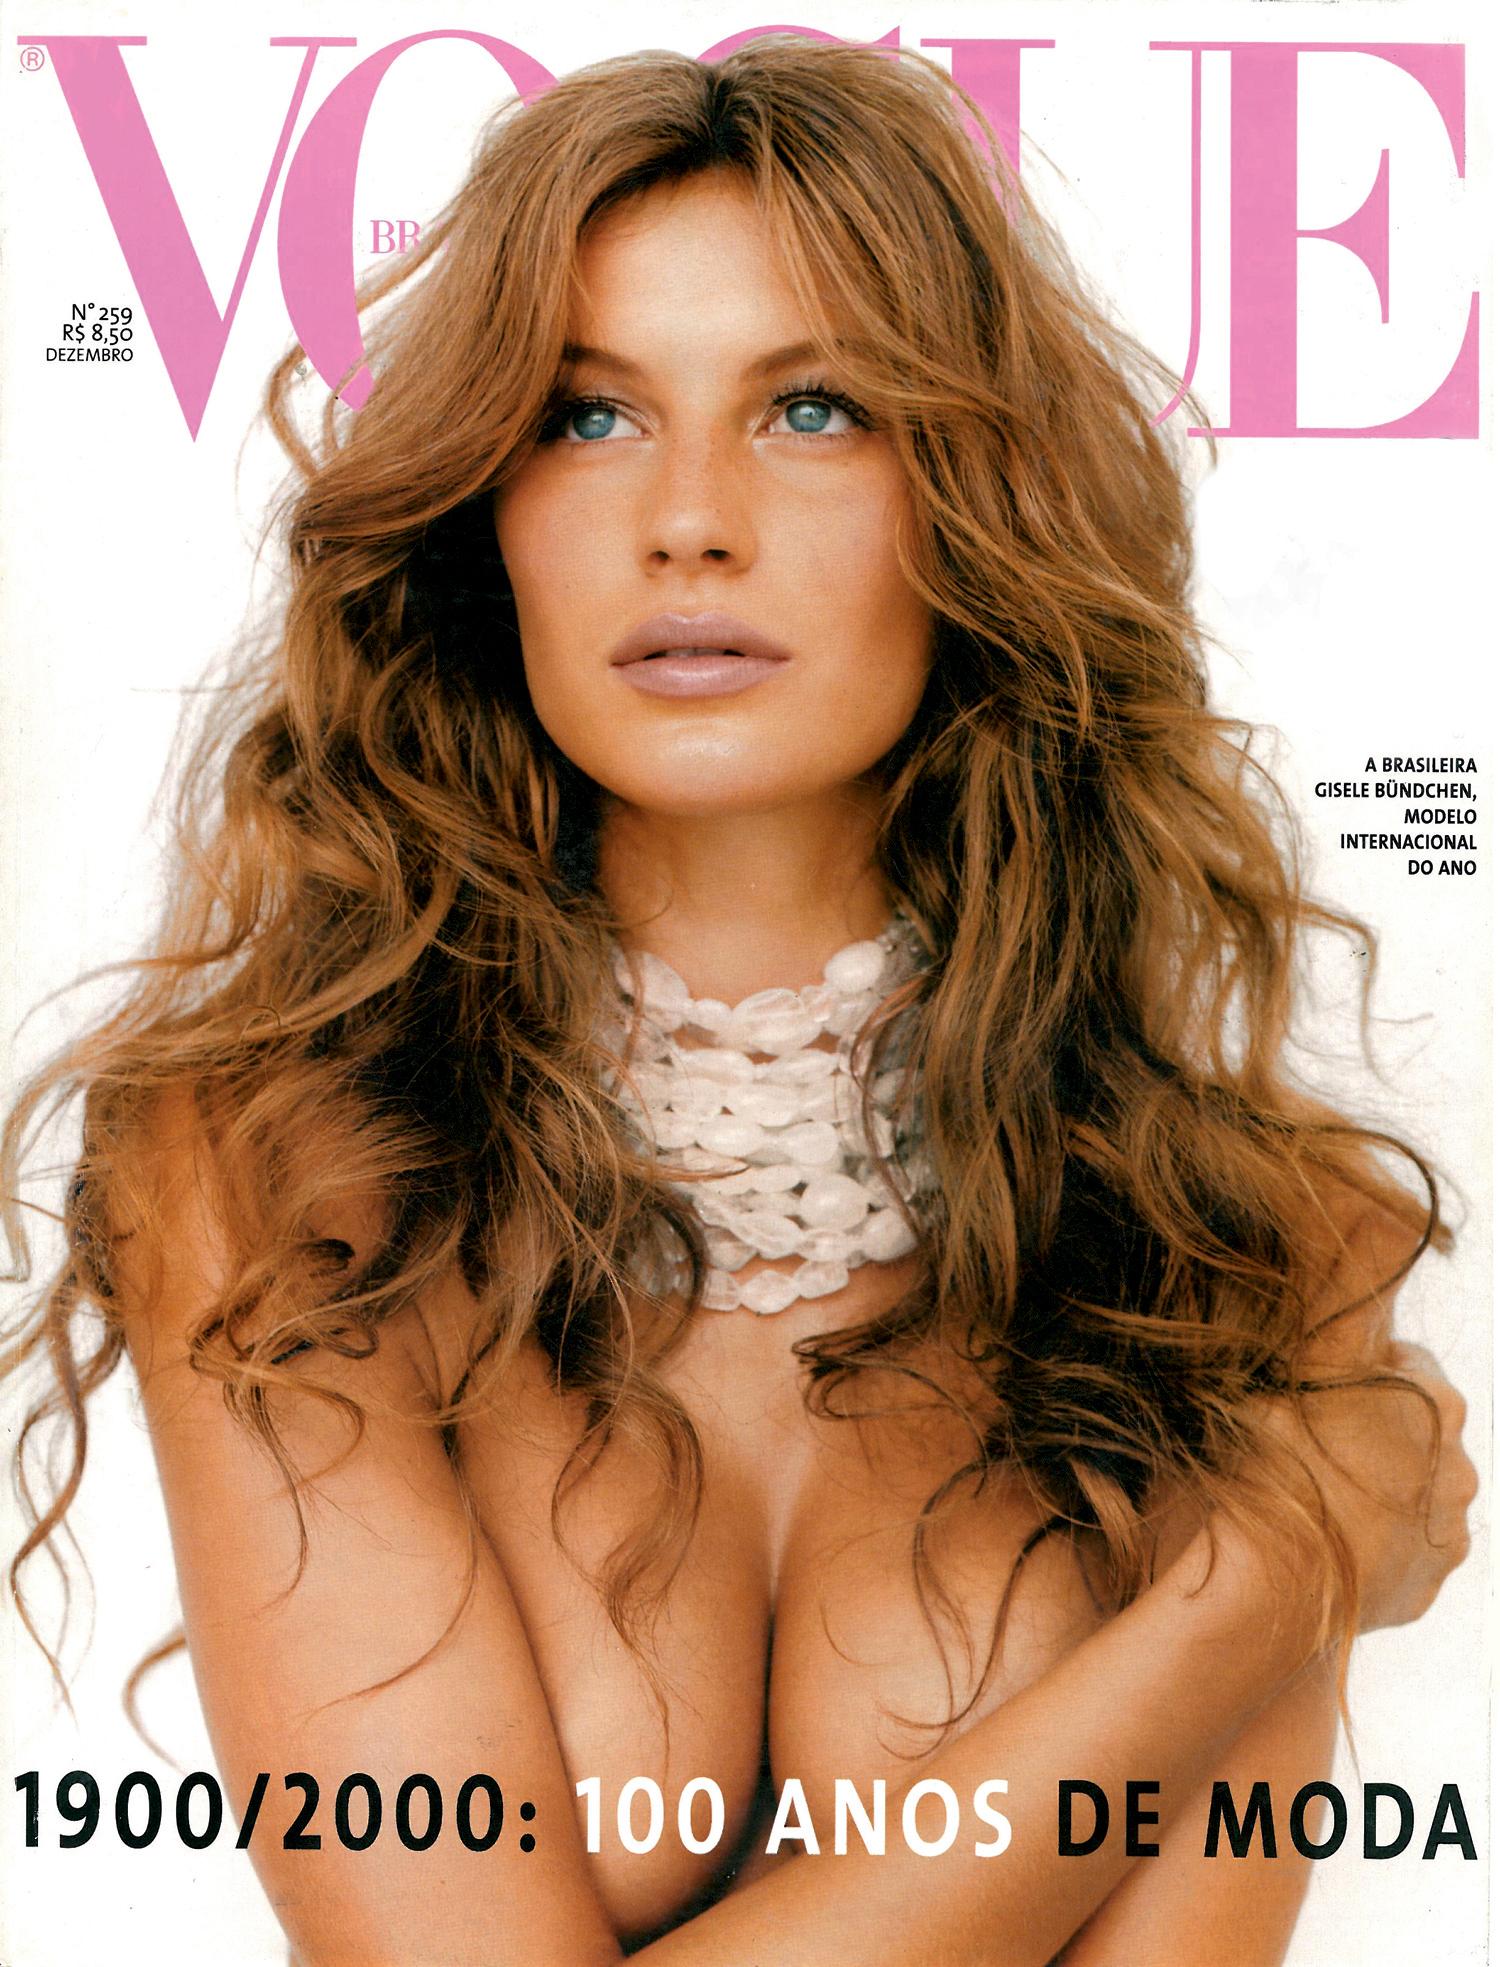 941001b79cd44 40 anos de Vogue Brasil  relembre as capas mais surpreendentes da revista -  Vogue